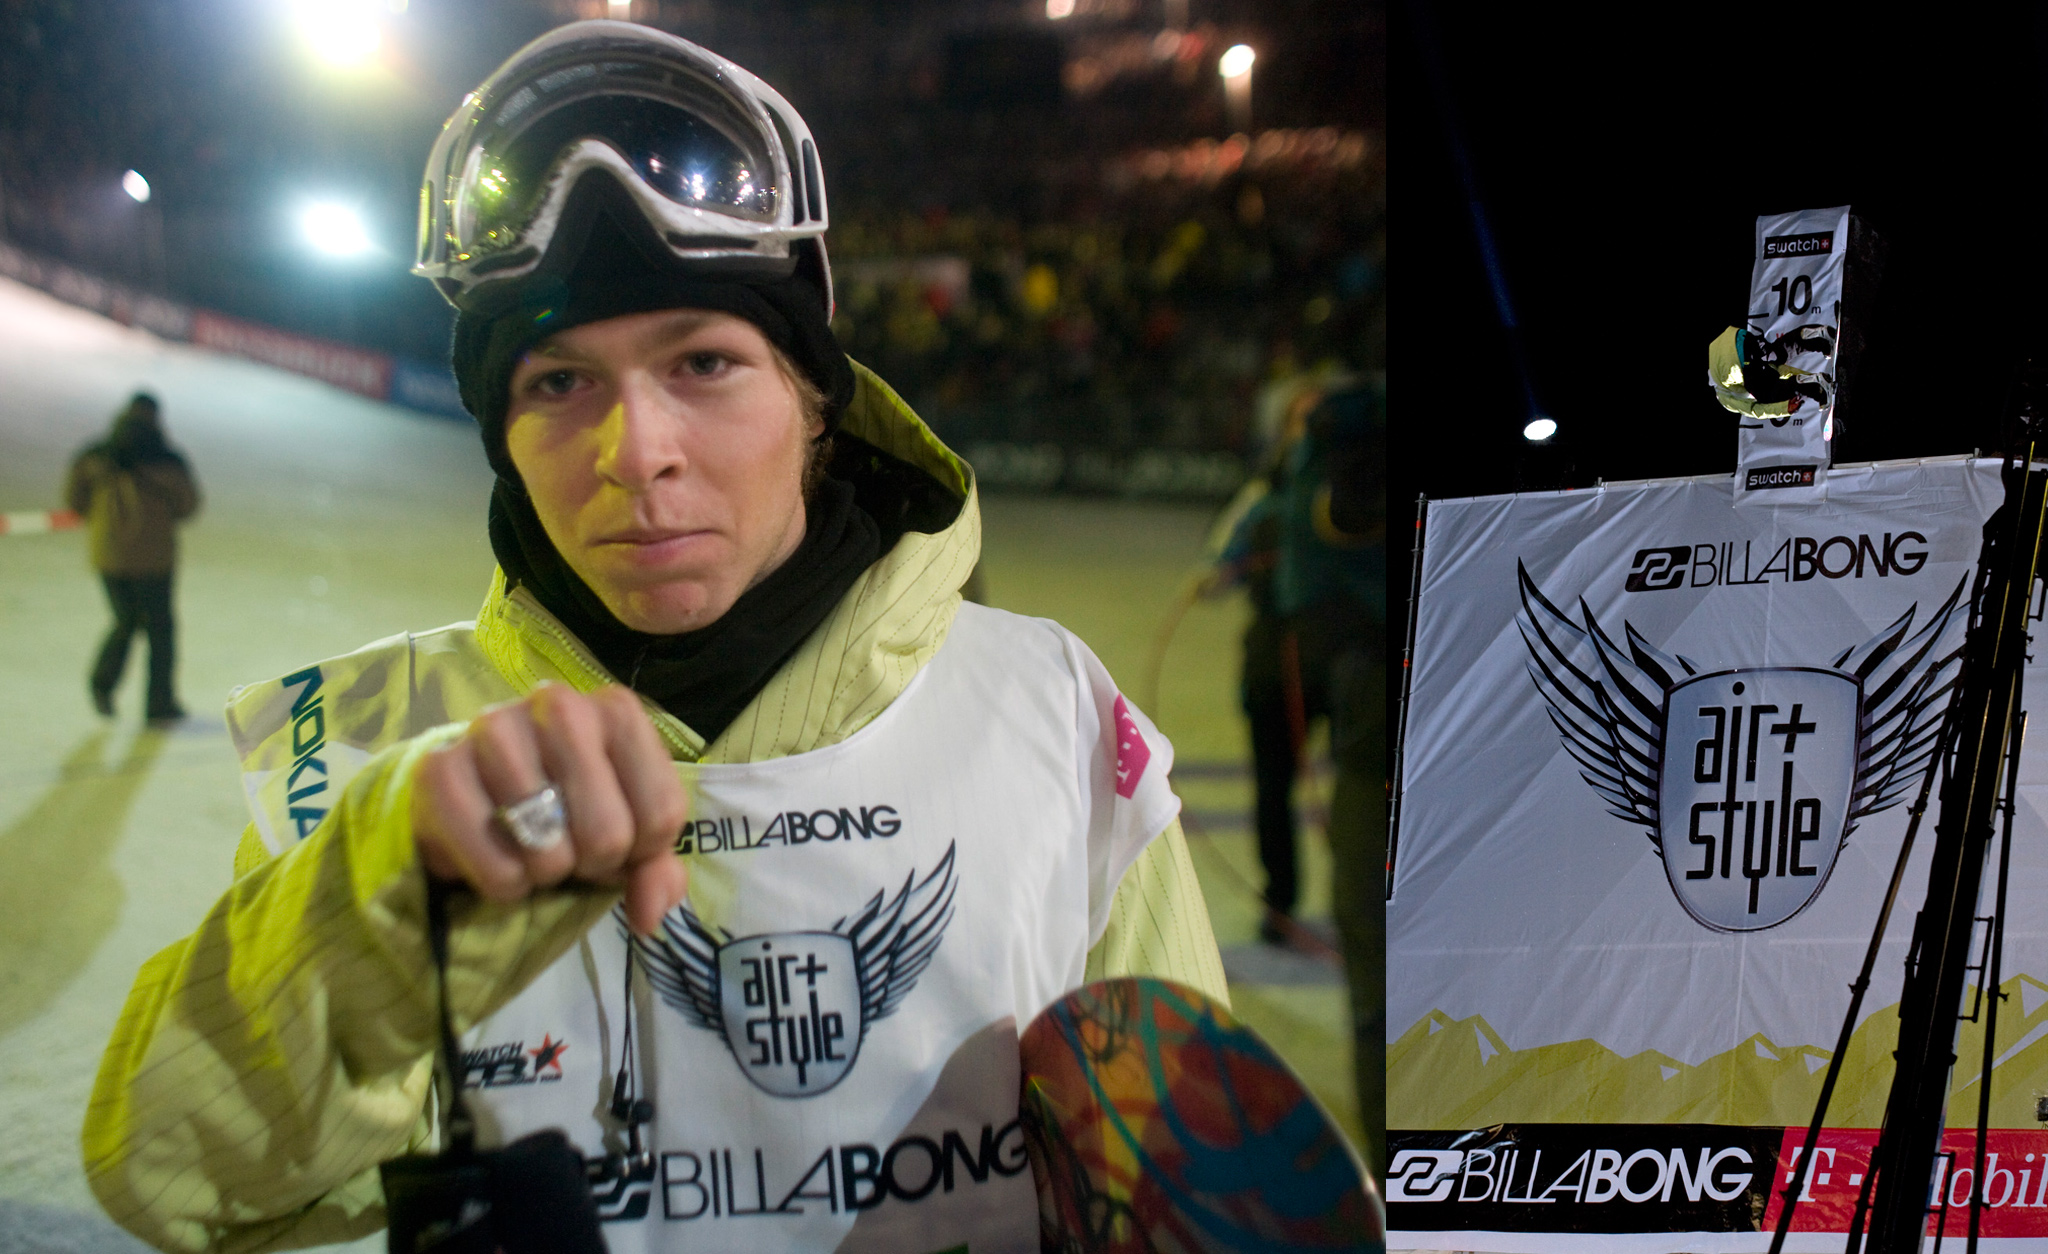 February 2008, Innsbruckbr Winner: Kevin Pearce